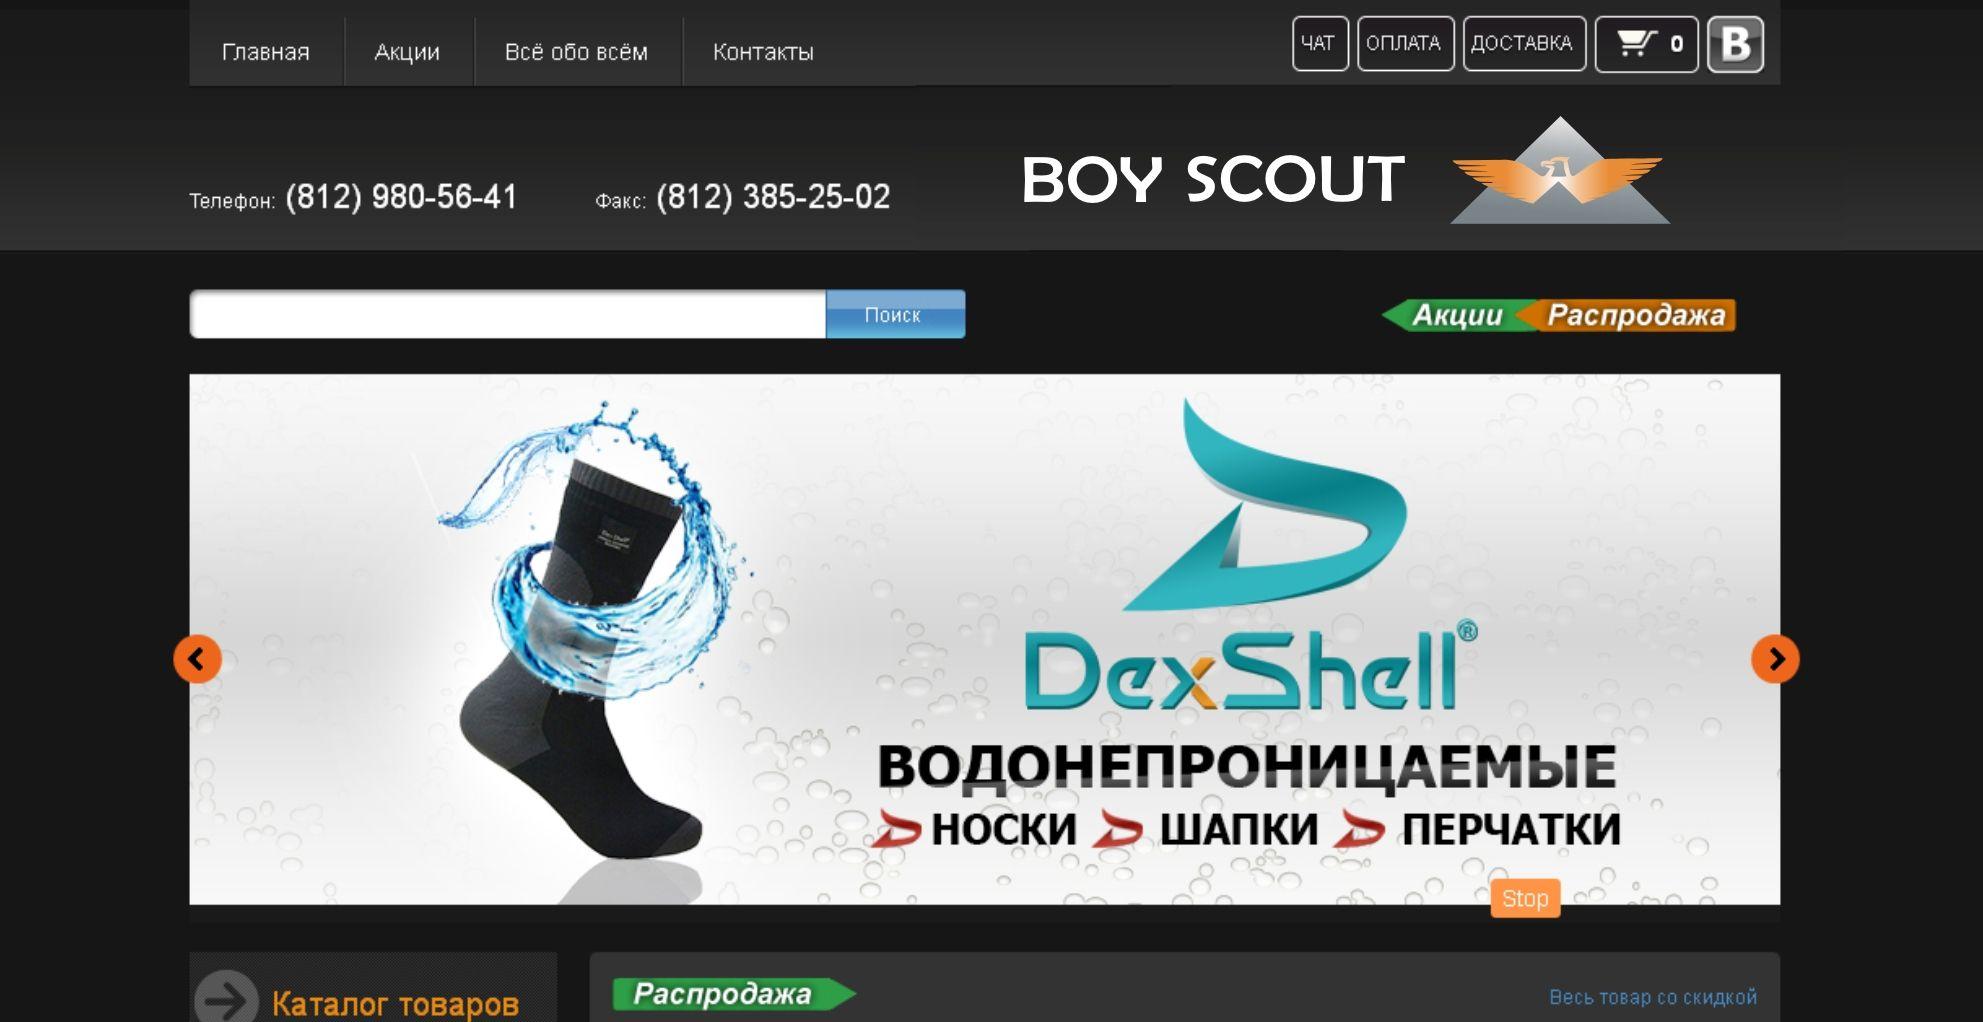 Логотип для сайта интернет-магазина BOY SCOUT - дизайнер samneu